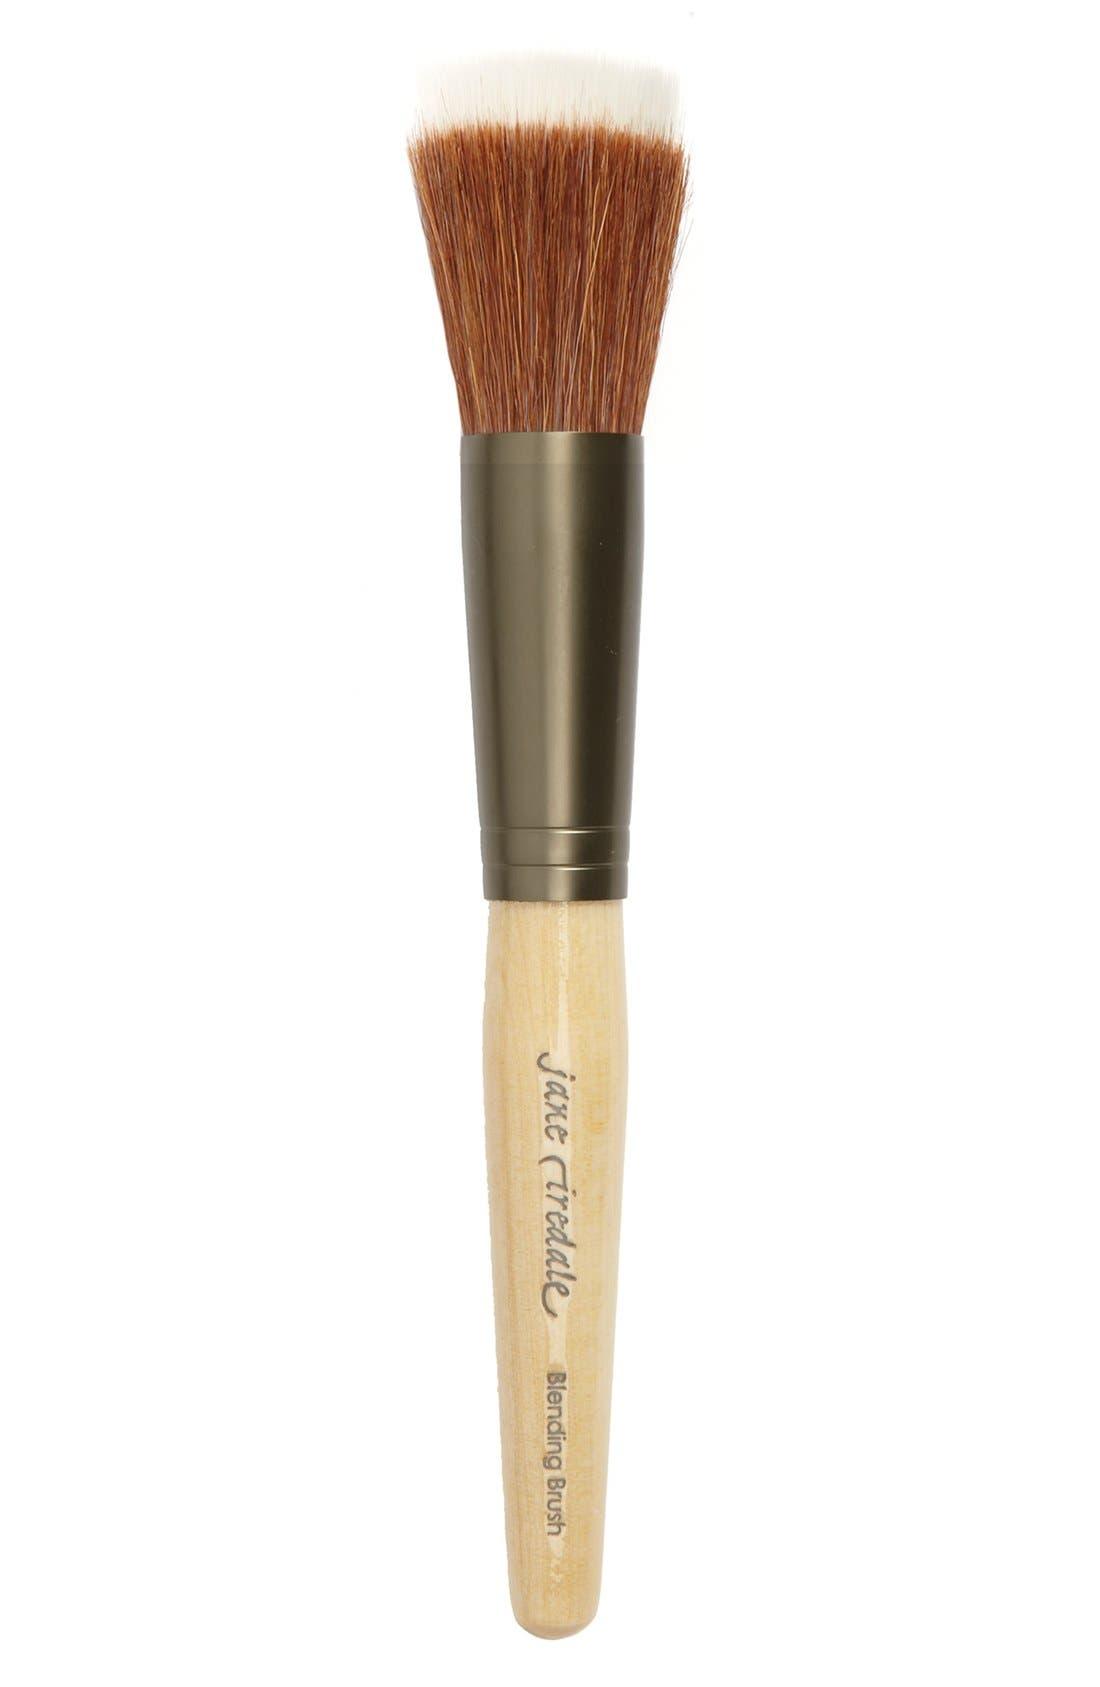 Blending Brush,                         Main,                         color, 000